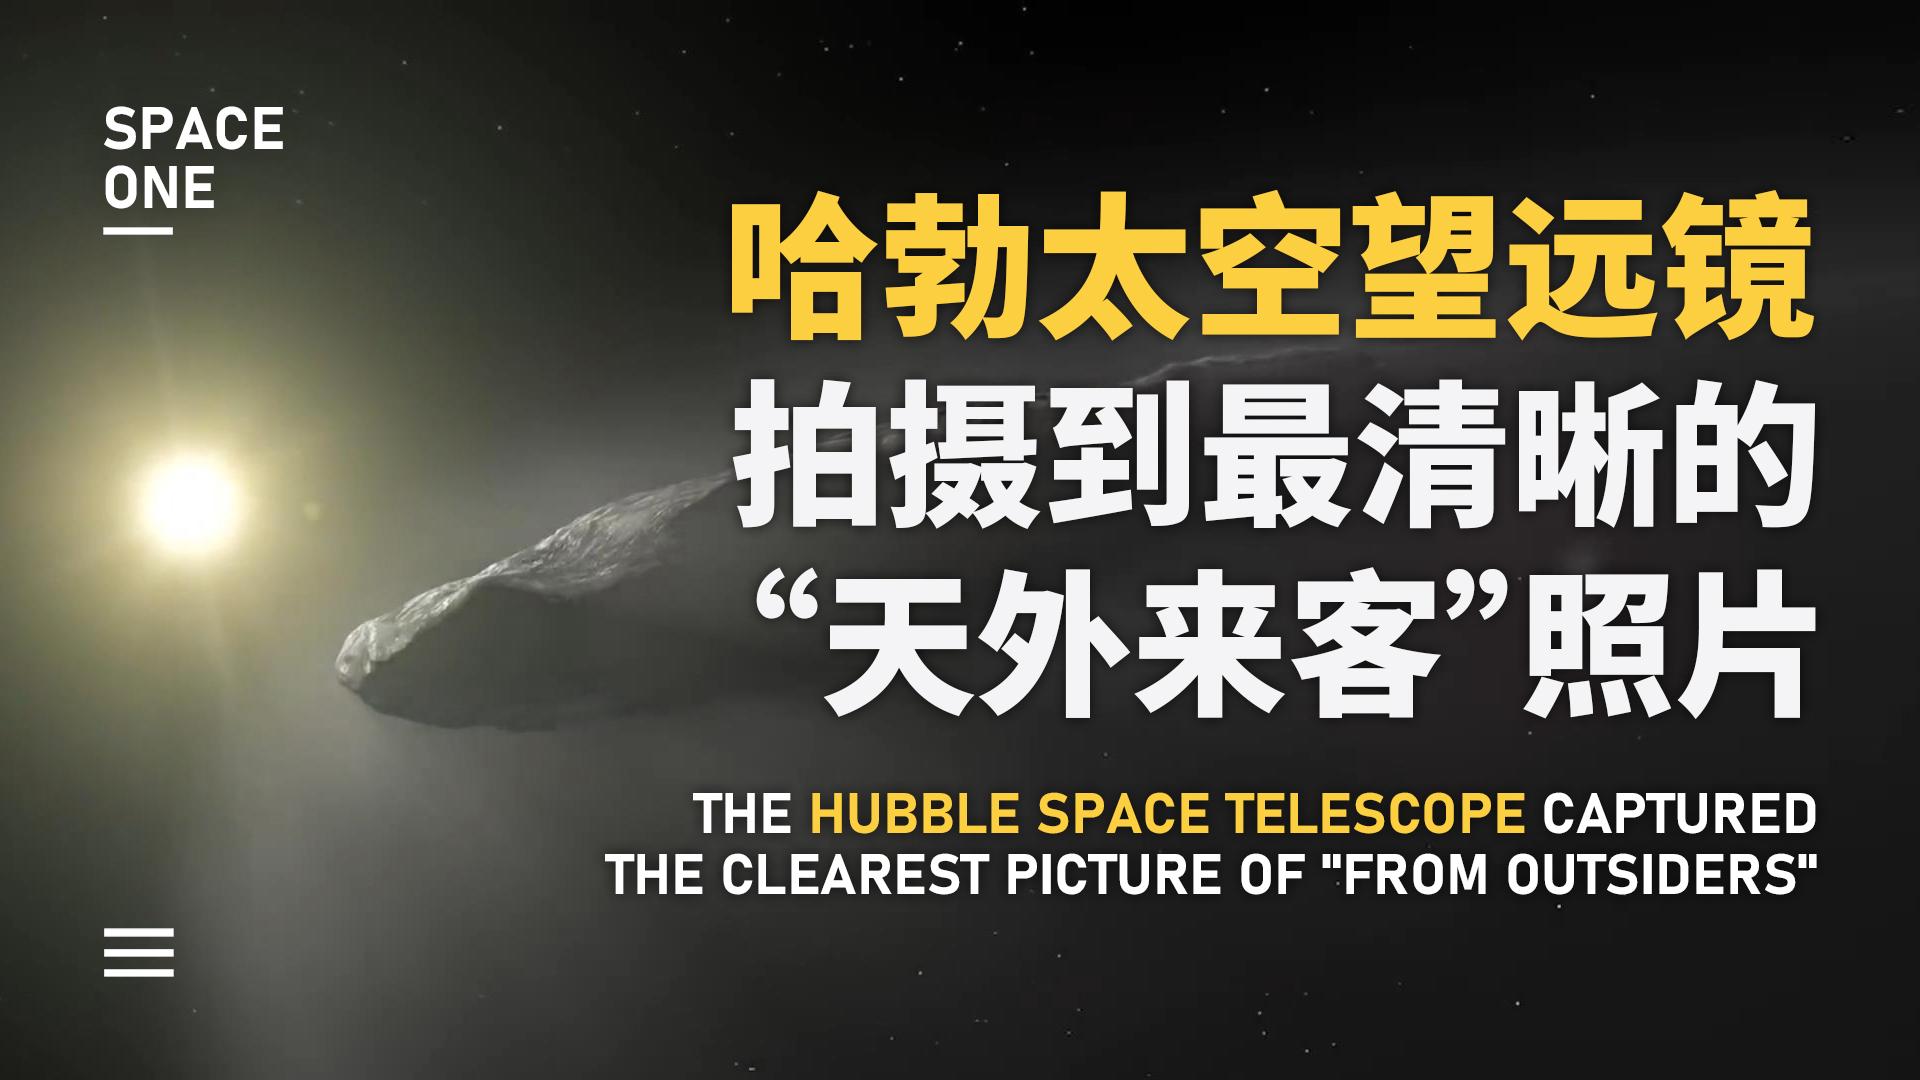 """哈勃太空望远镜,拍摄到的最清晰""""天外来客""""照片"""